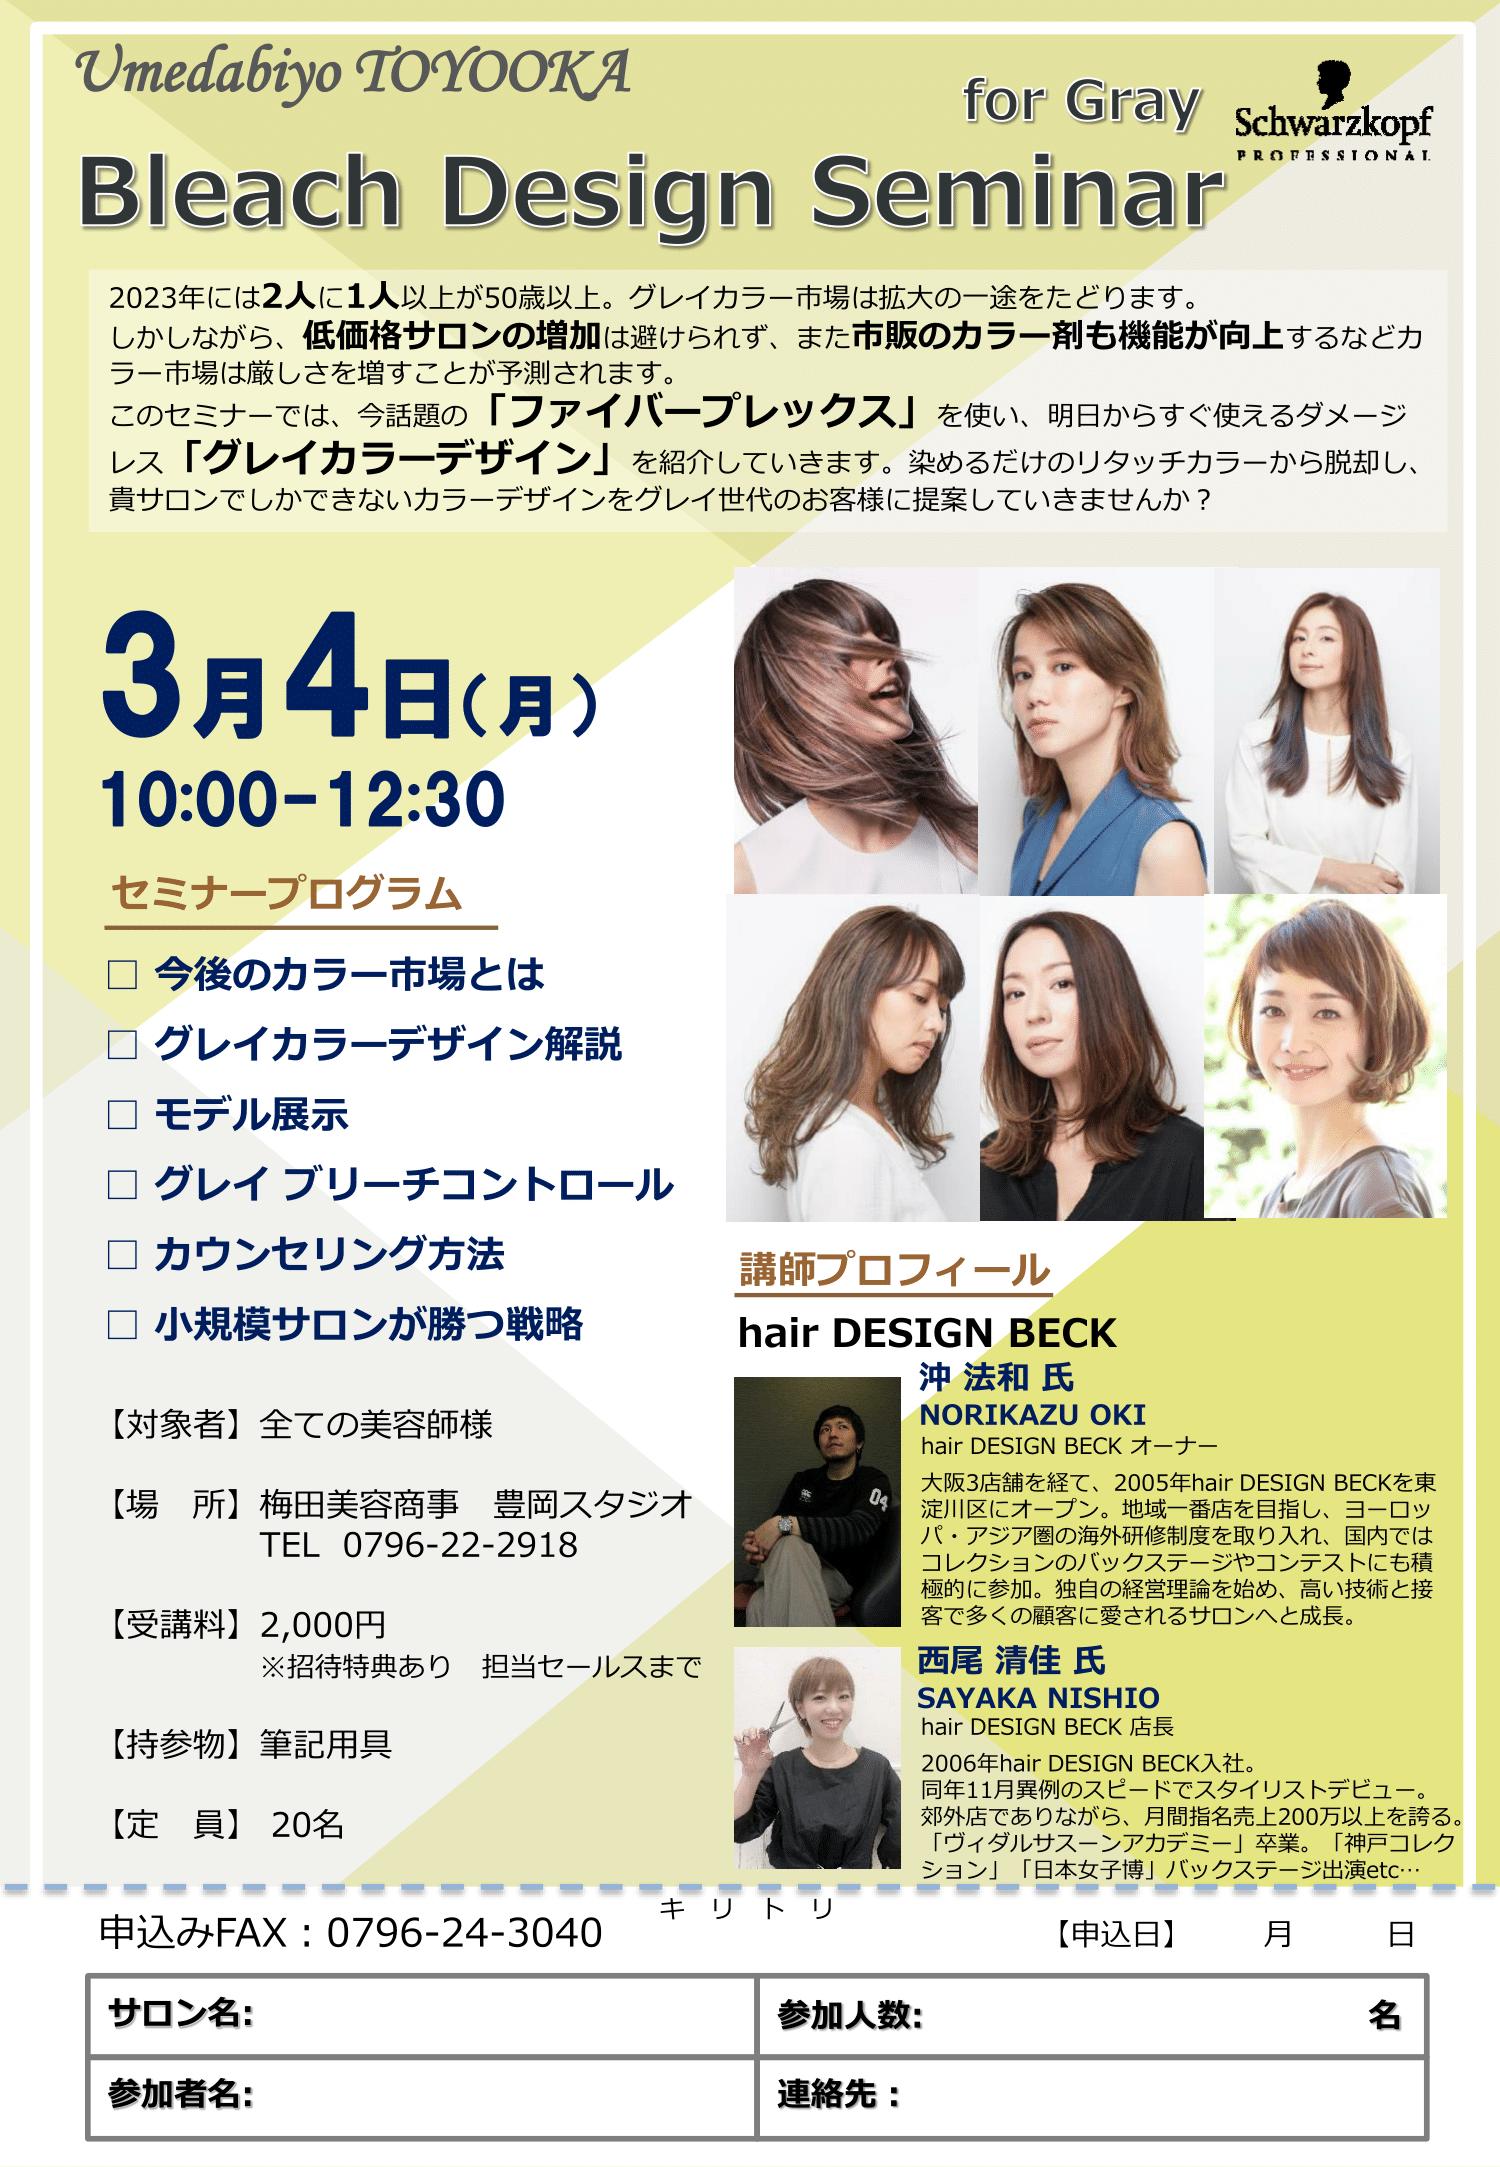 【豊岡】ブリーチデザインセミナー